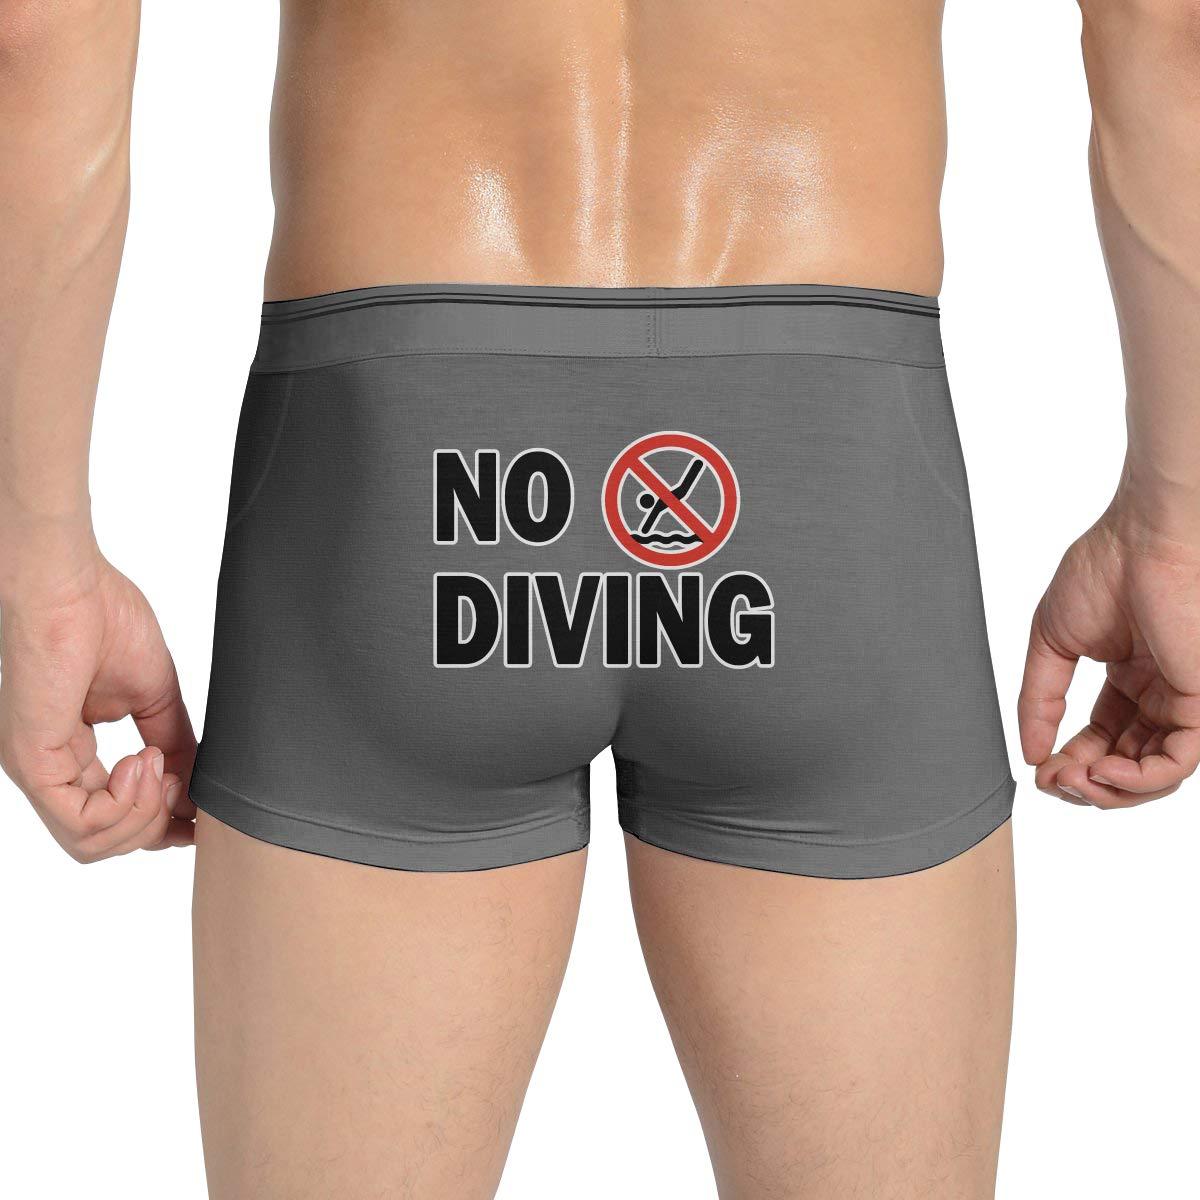 No Diving Sign Mens Stretch Underwear Cotton Boxer Briefs Bikini Underwear